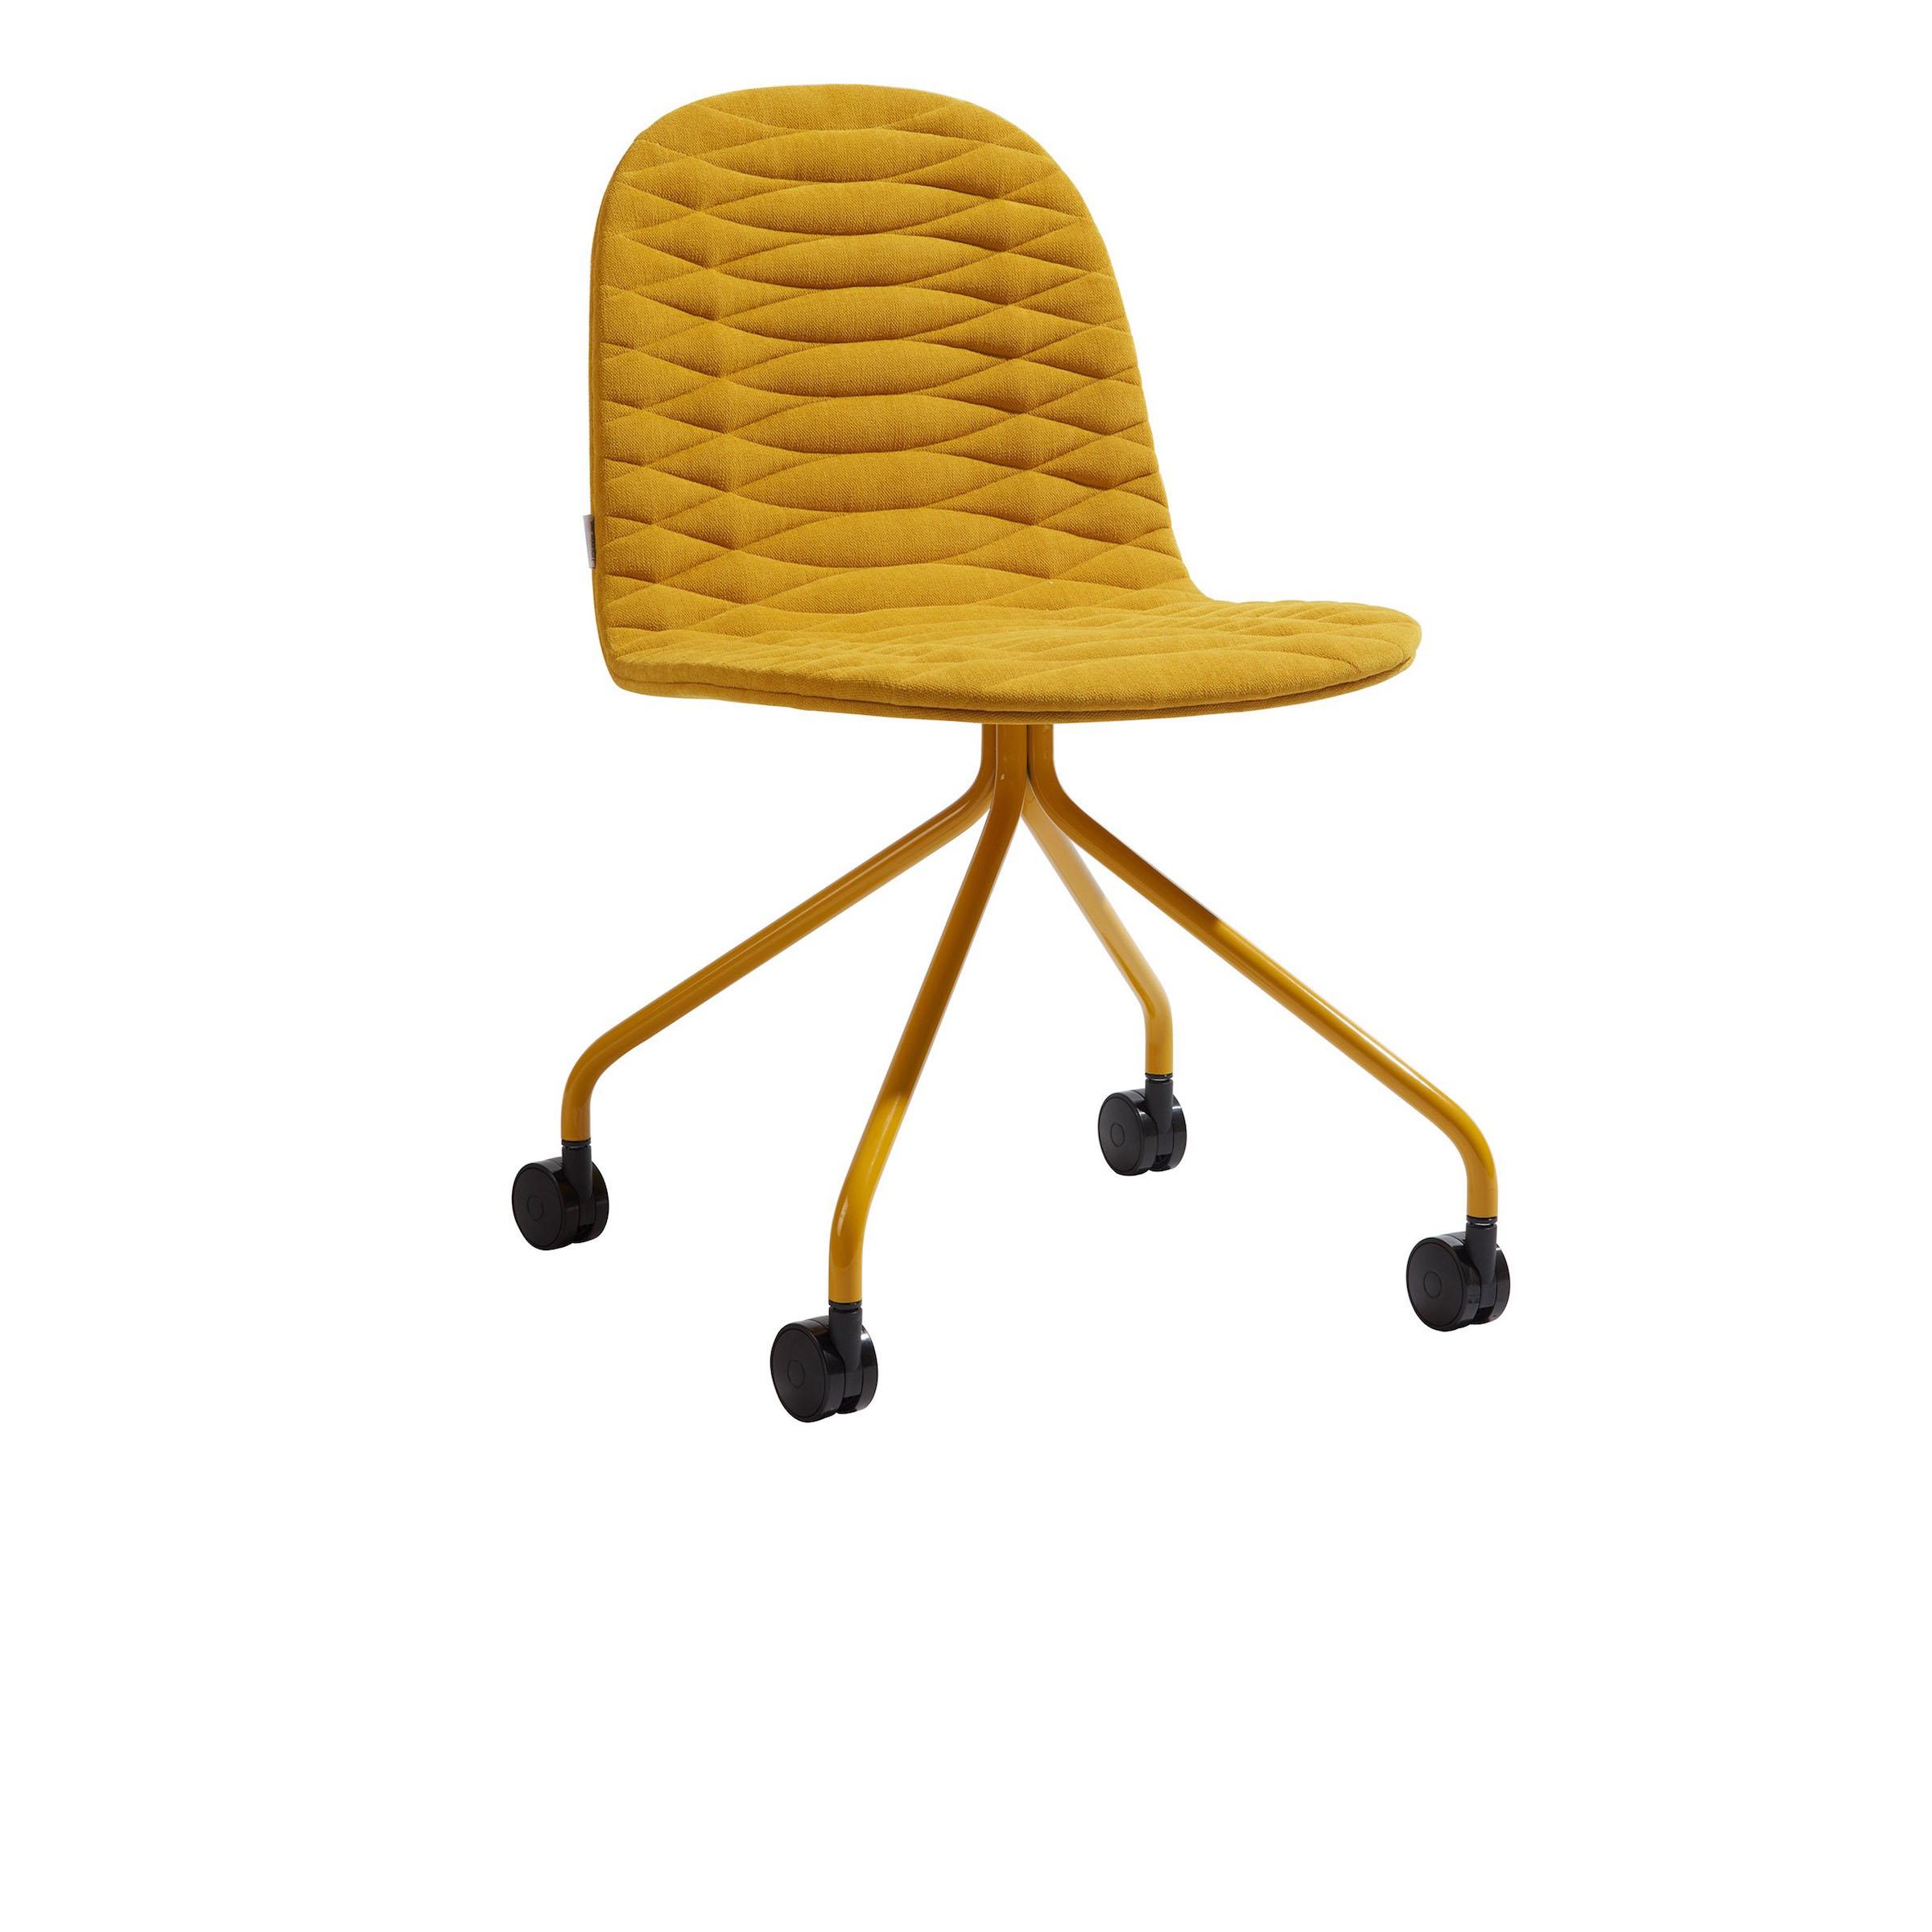 Template chair - Wheels